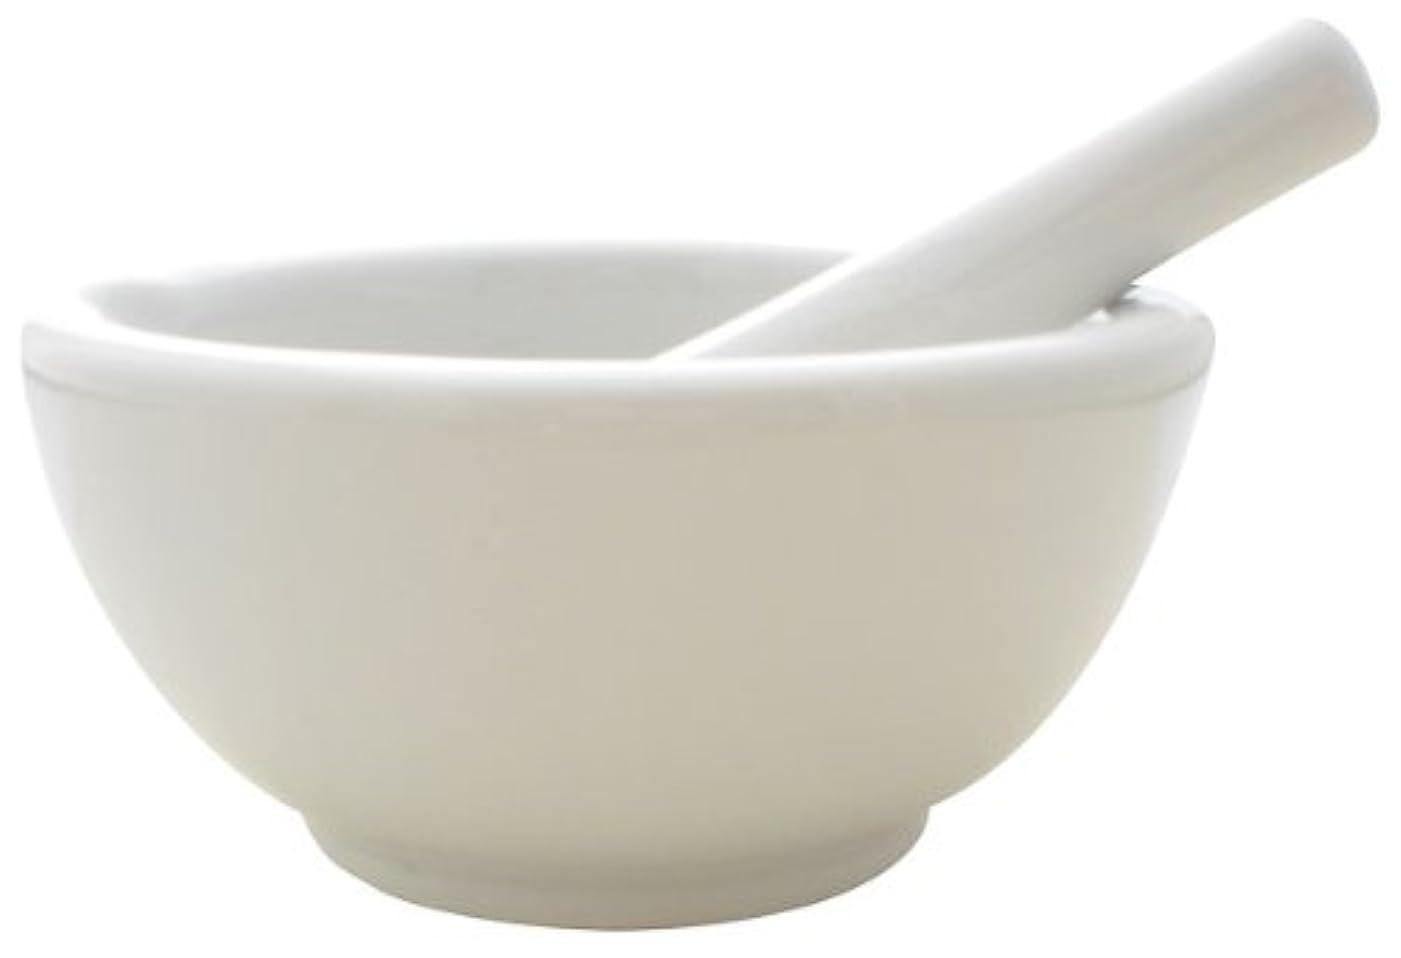 壊滅的な多くの危険がある状況負フリート 乳鉢セット L